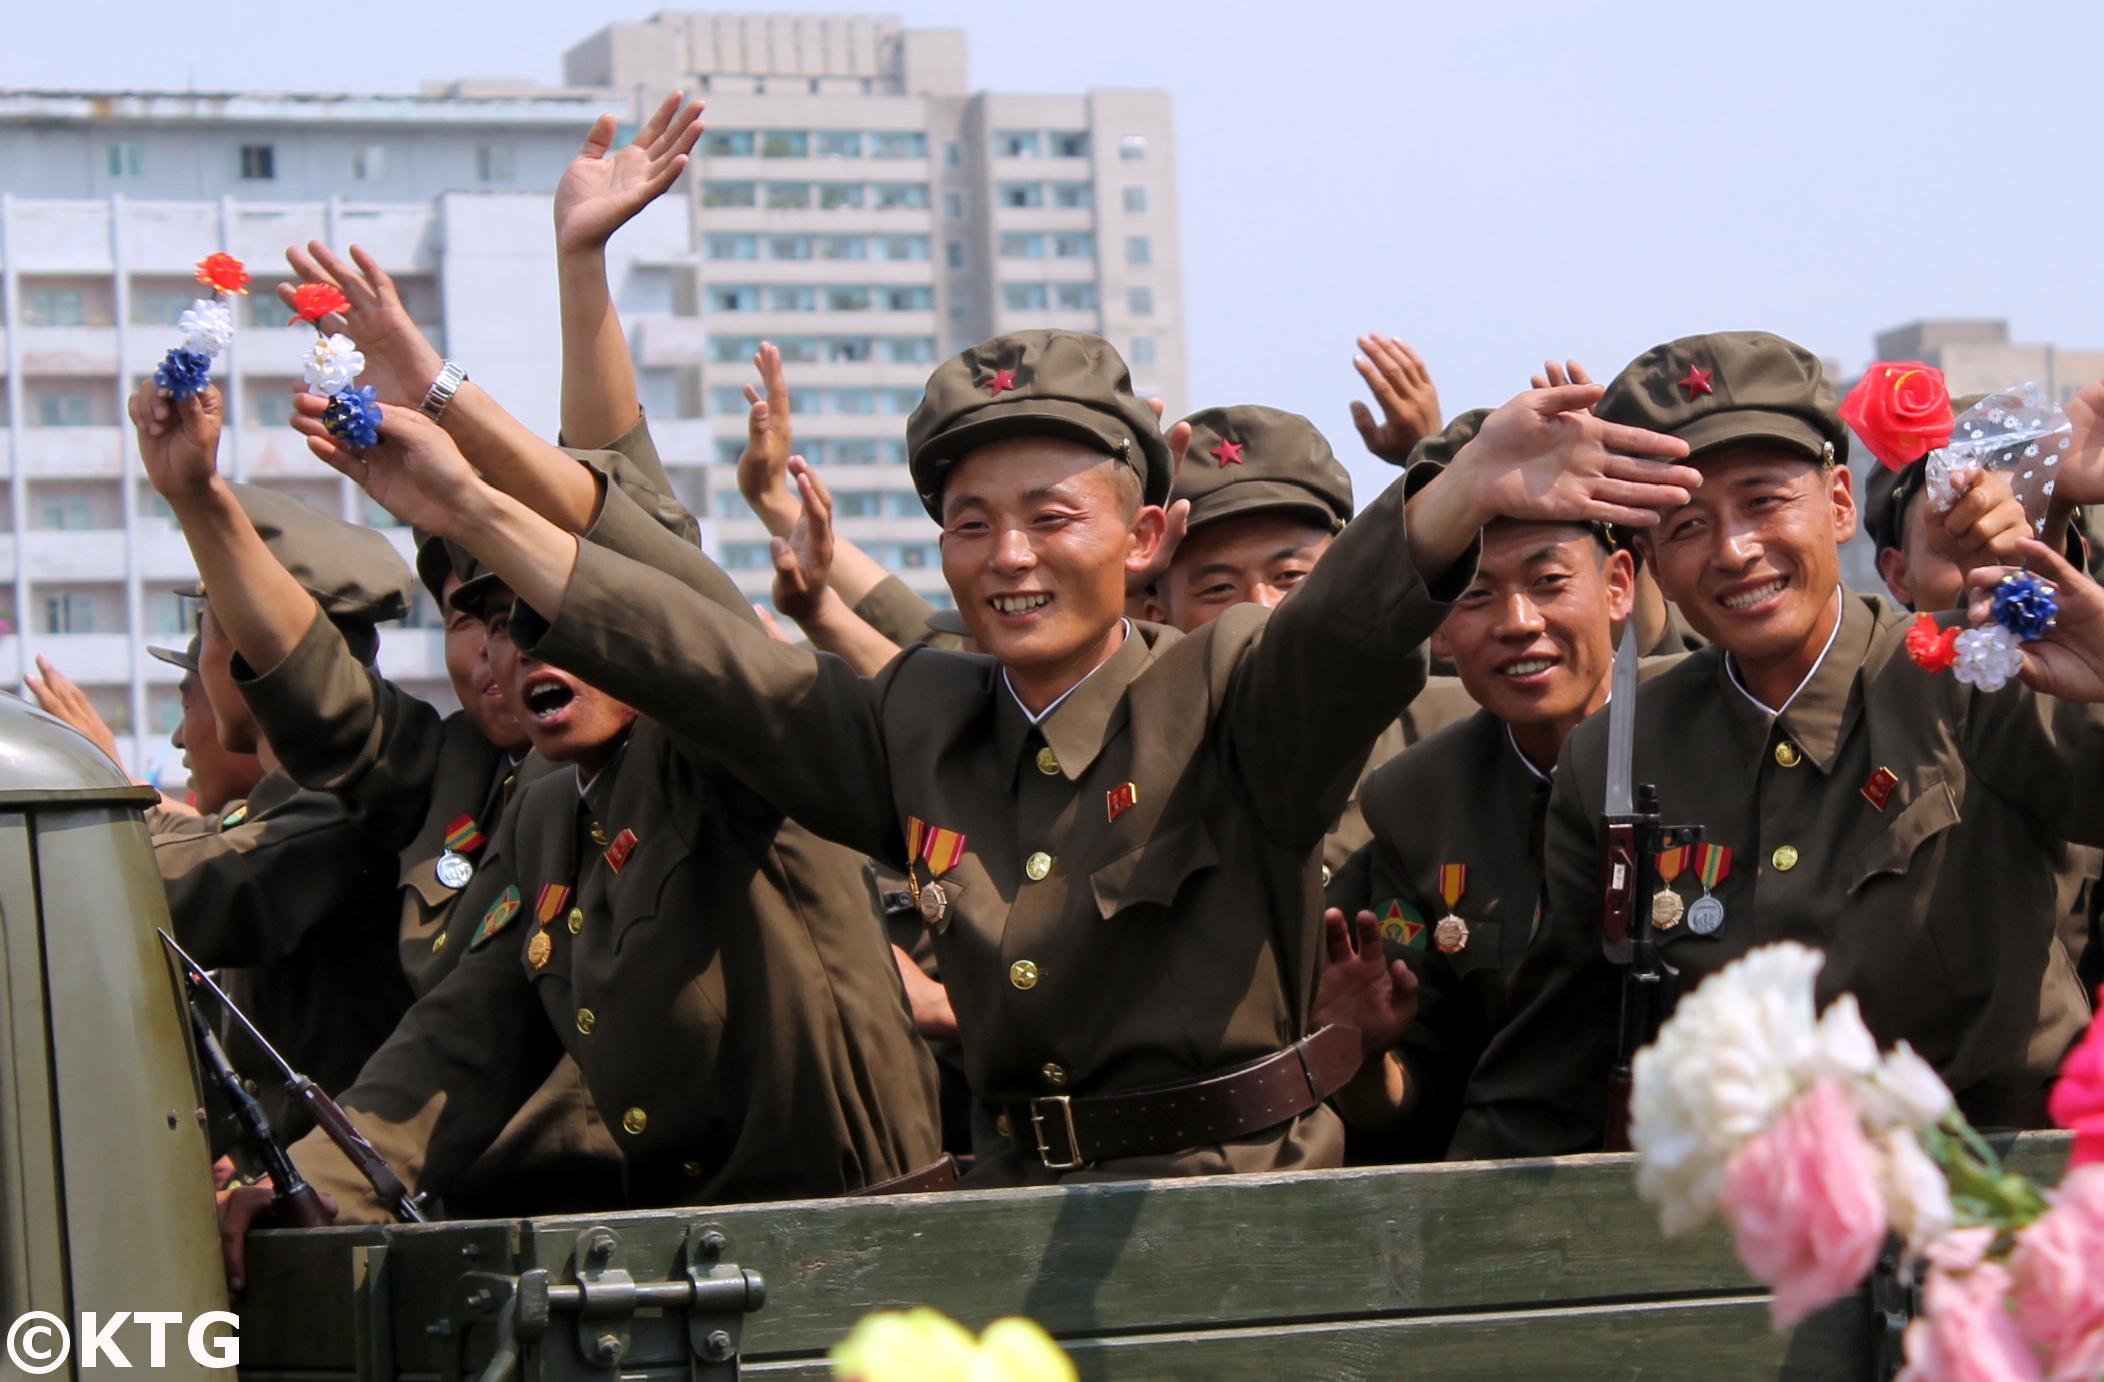 Soldados de Corea del Norte después de un desfile militar en Pyongyang. Foto por KTG